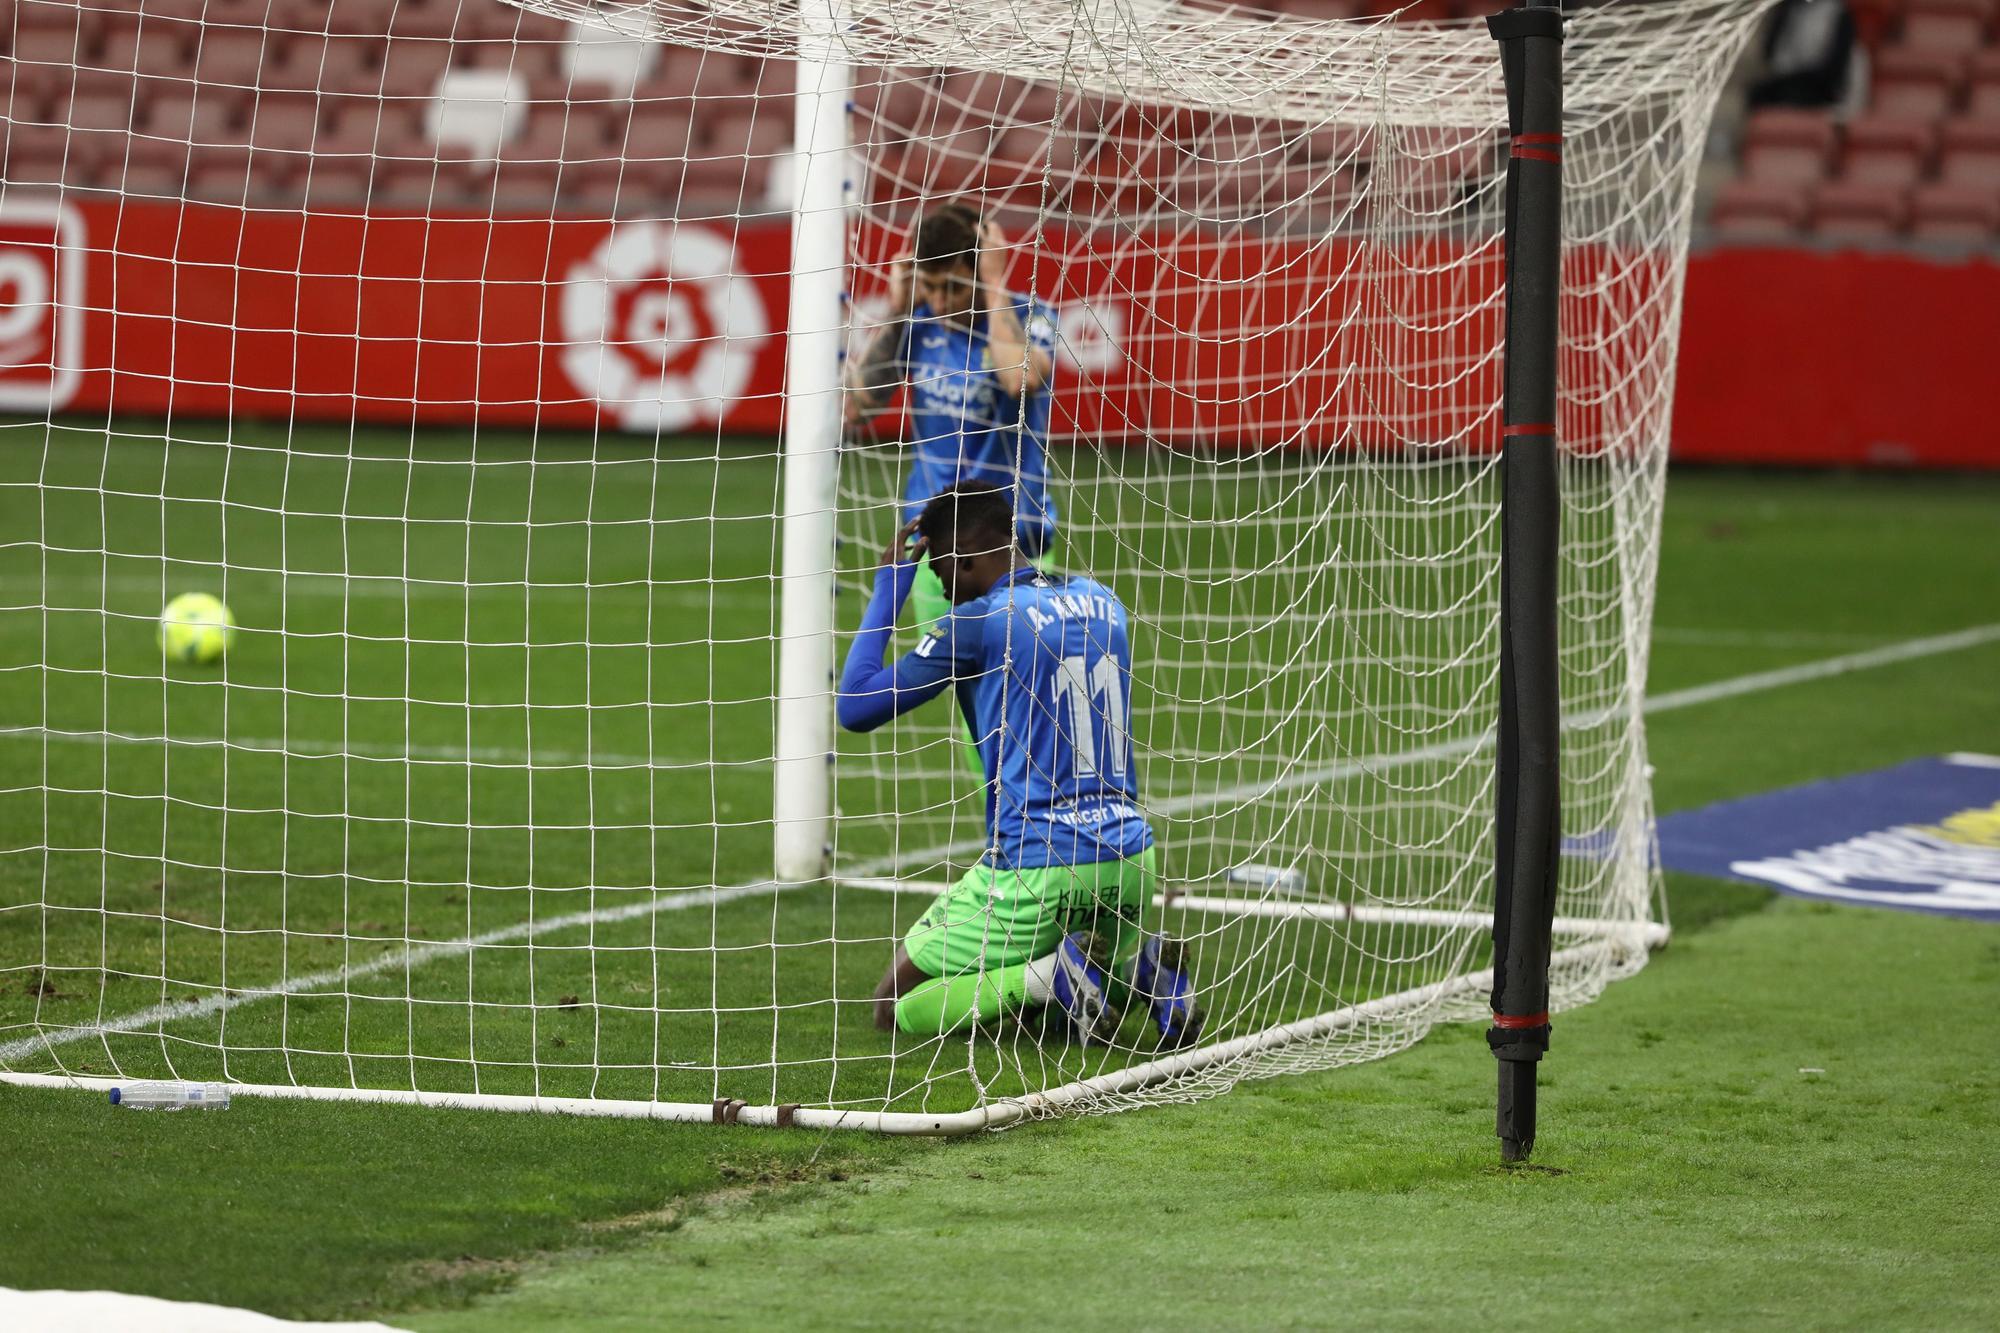 El Sporting-Fuenlabrada, en imágenes